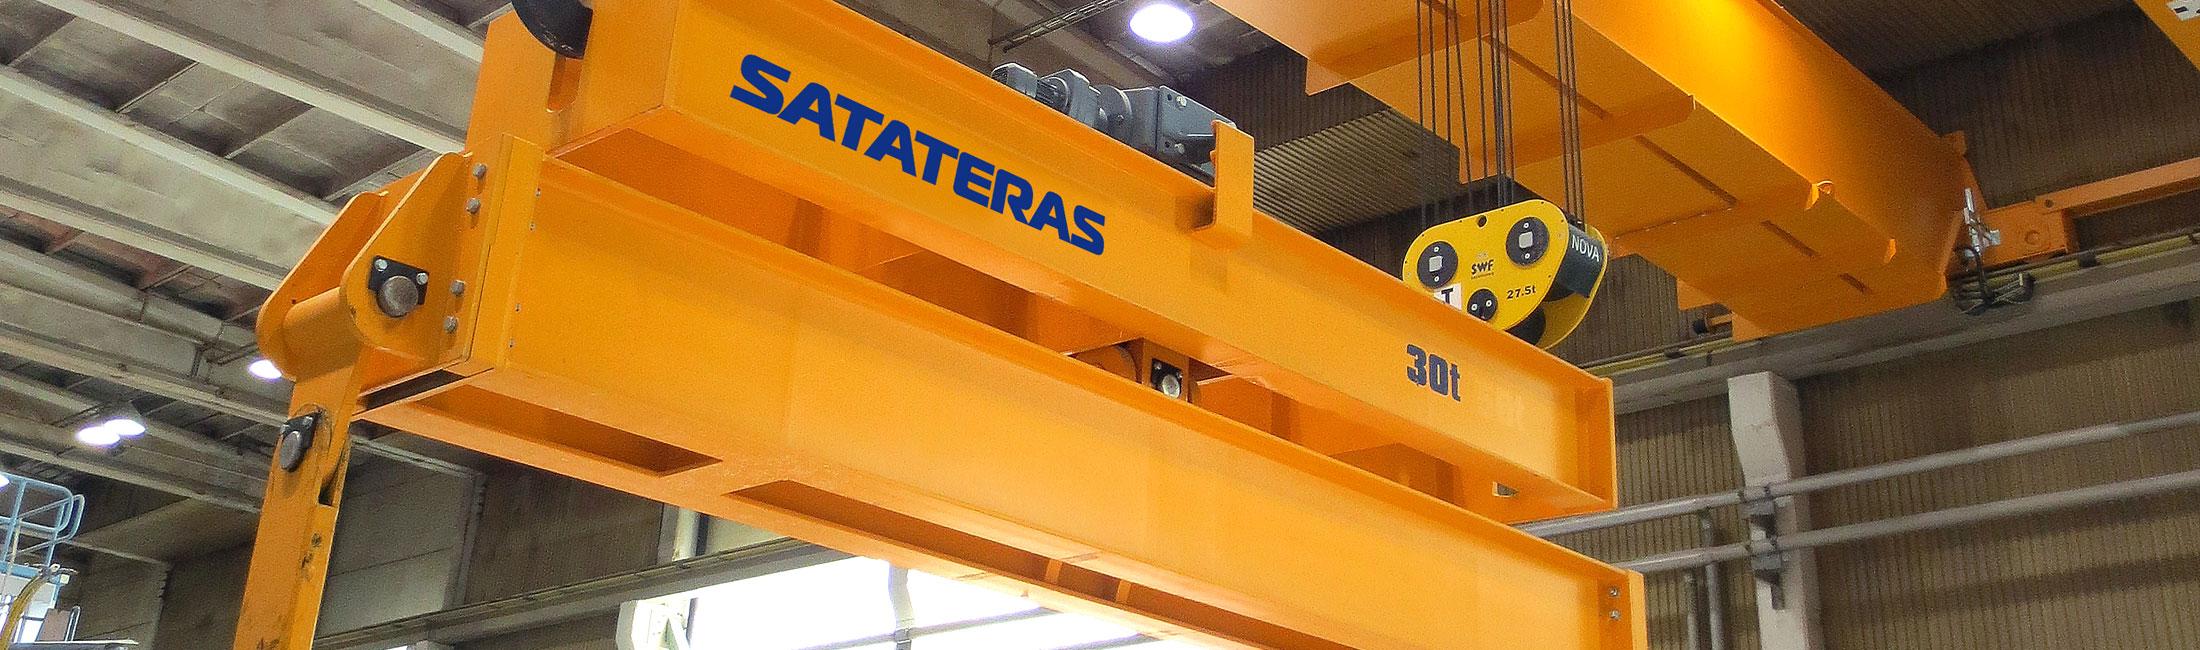 teollisuus-metalliteollisuus-teollisuuden-nostoapuvalineet-satateras-3